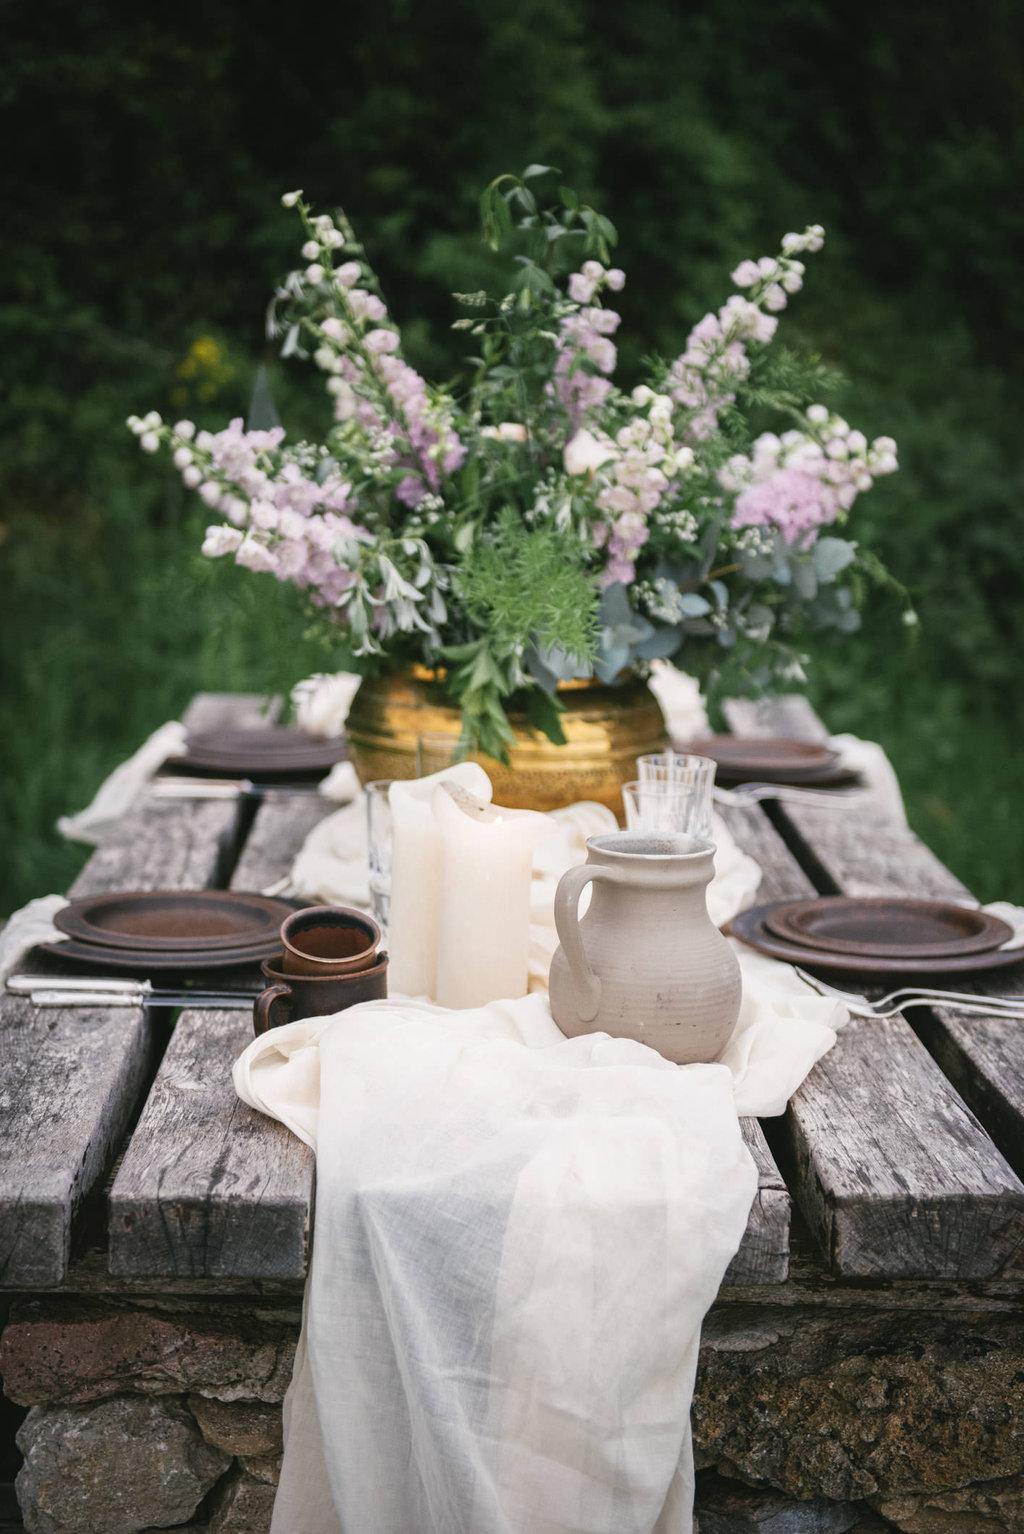 Centre de table by Lilas Wood, designer floral mariage près de Lyon - Photographe : Zéphyr et Luna